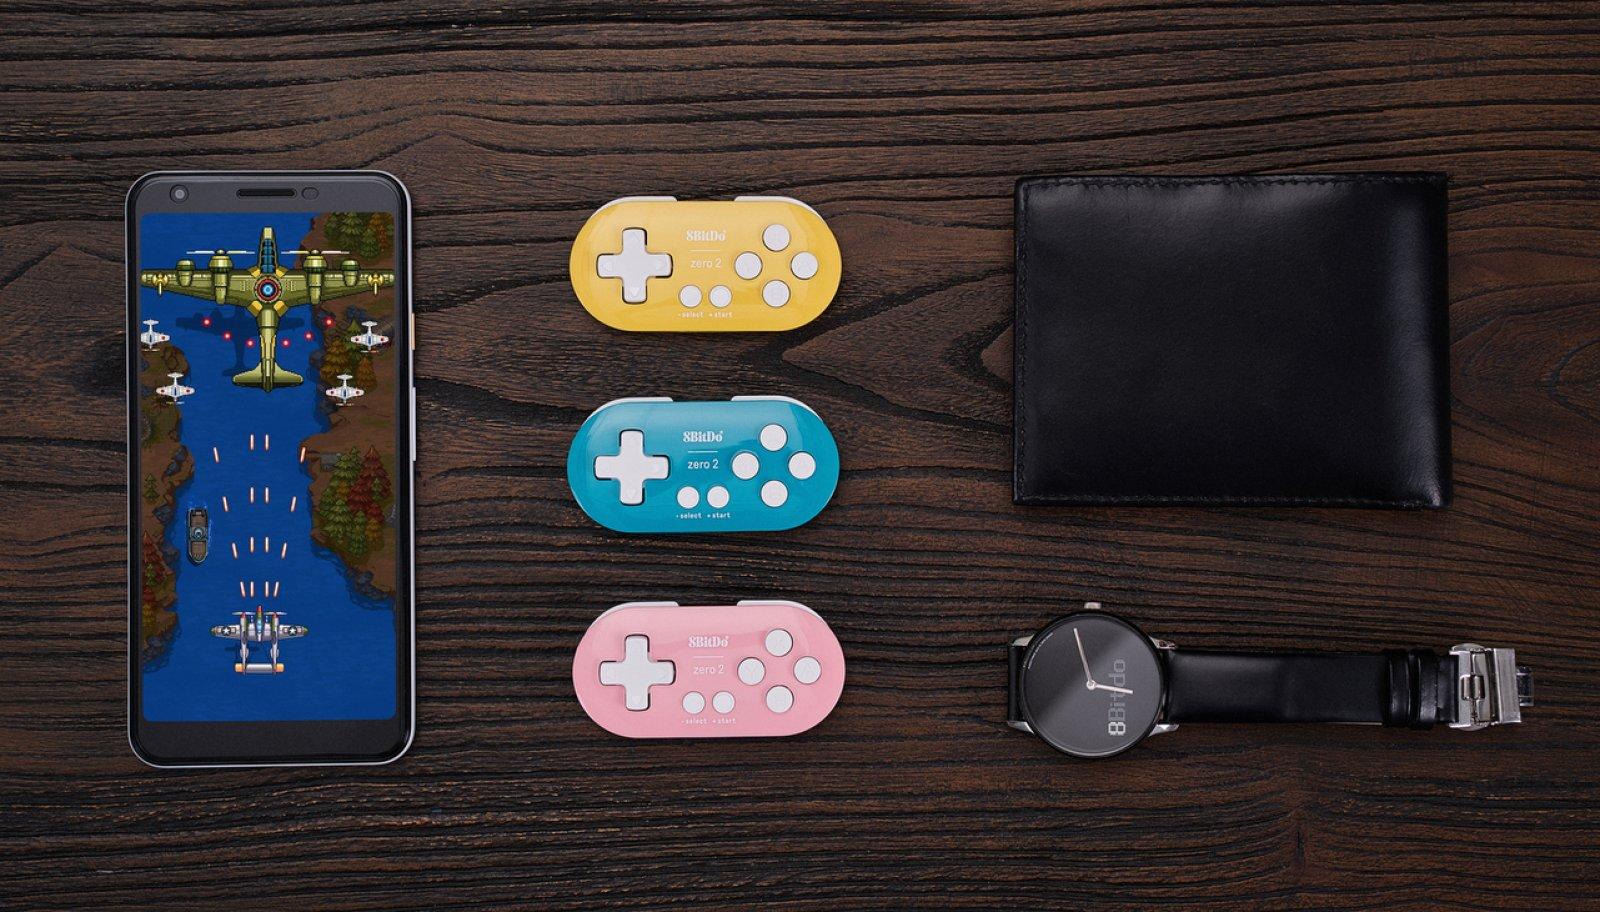 8BitDo открыла предзаказы на миниатюрный контроллер для Nintendo Switch